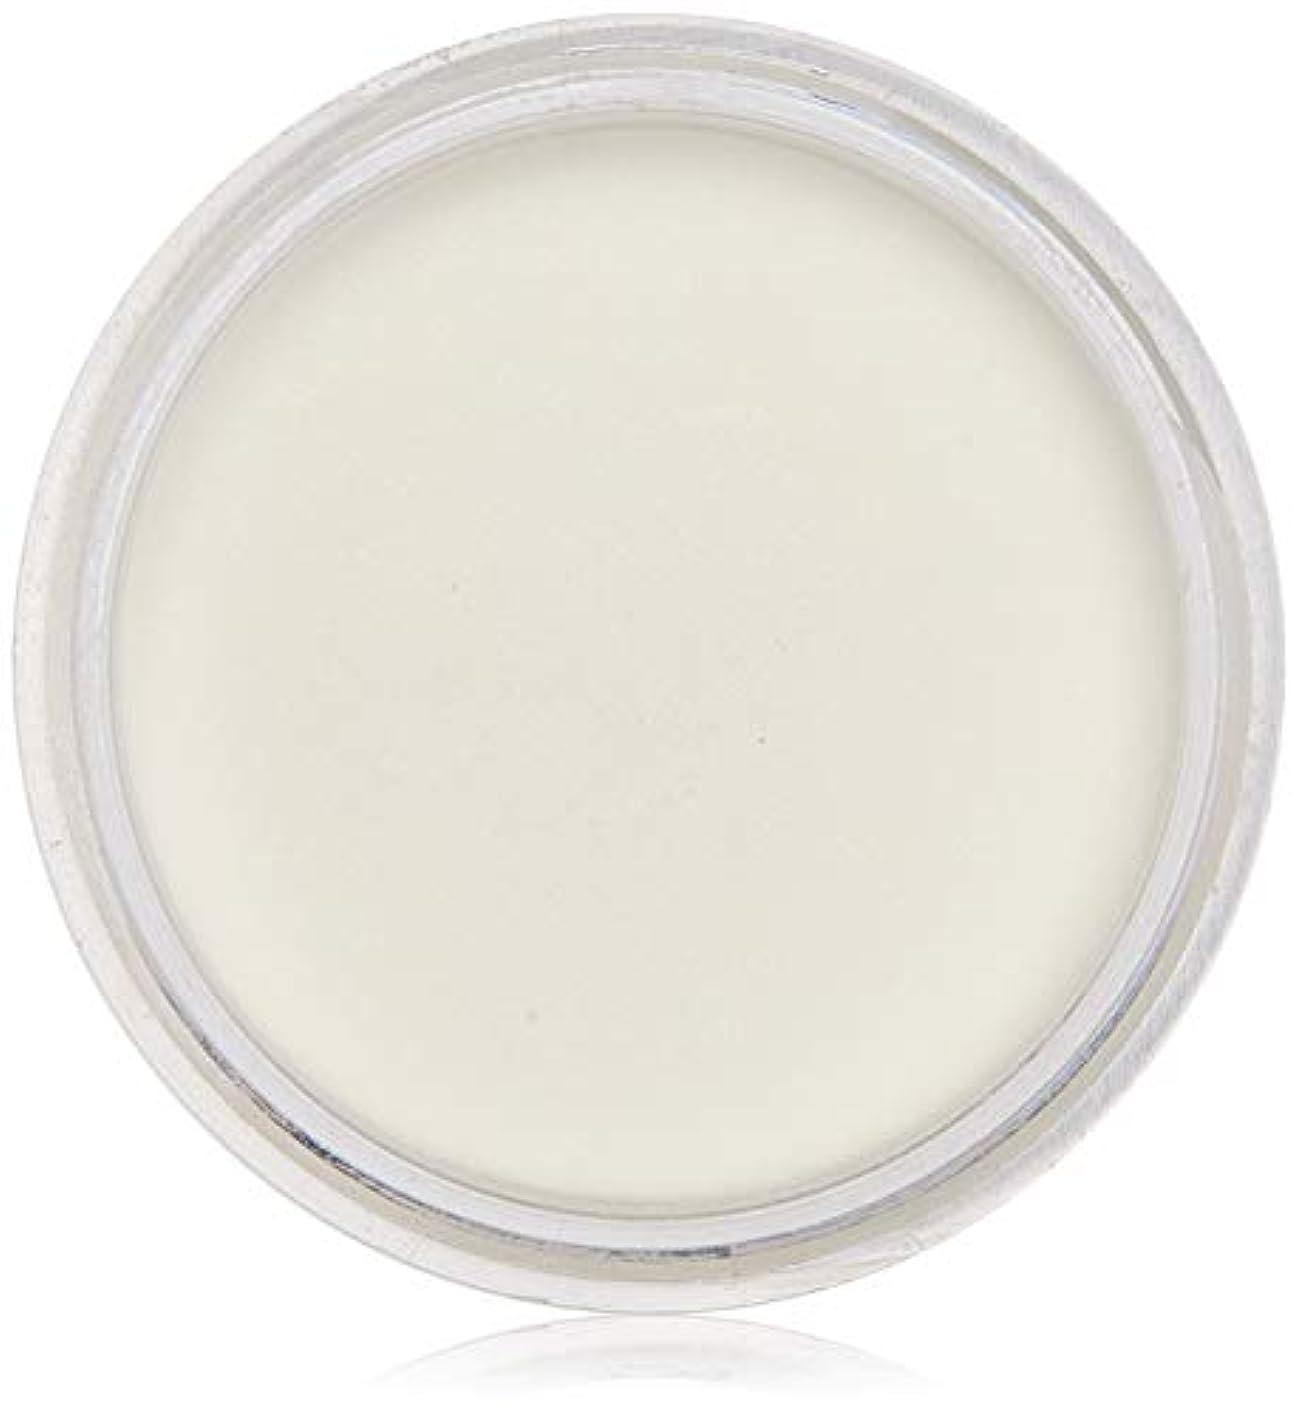 羽面白い戸惑うHarmony Gelish - Acrylic Dip Powder - Clear as Day - 23g / 0.8oz